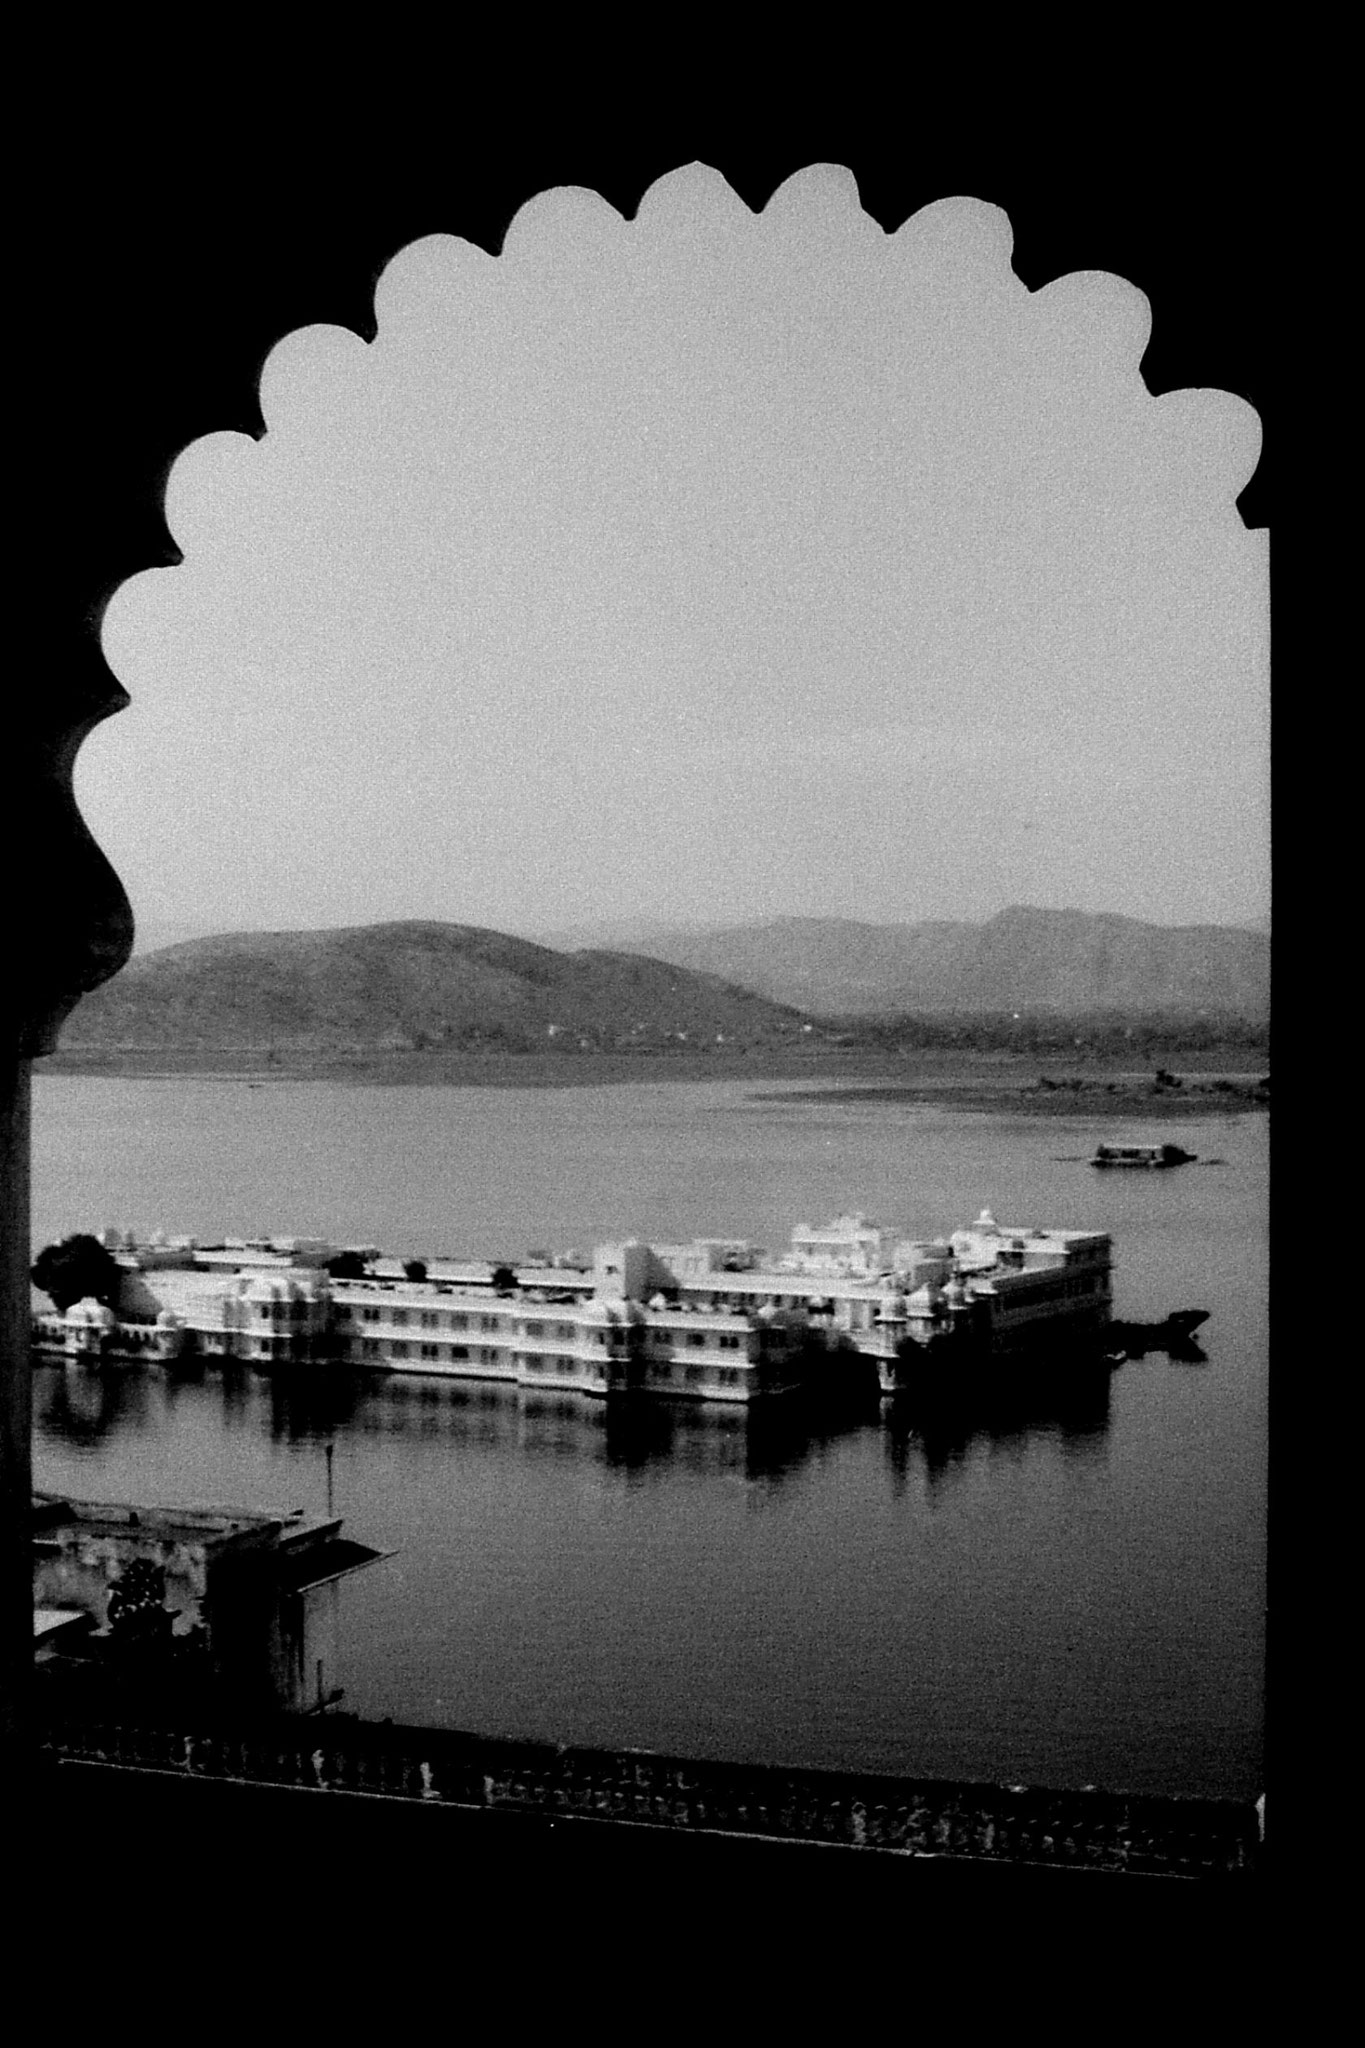 8/12/1989: 14: Udaipur, lake palace from city palace